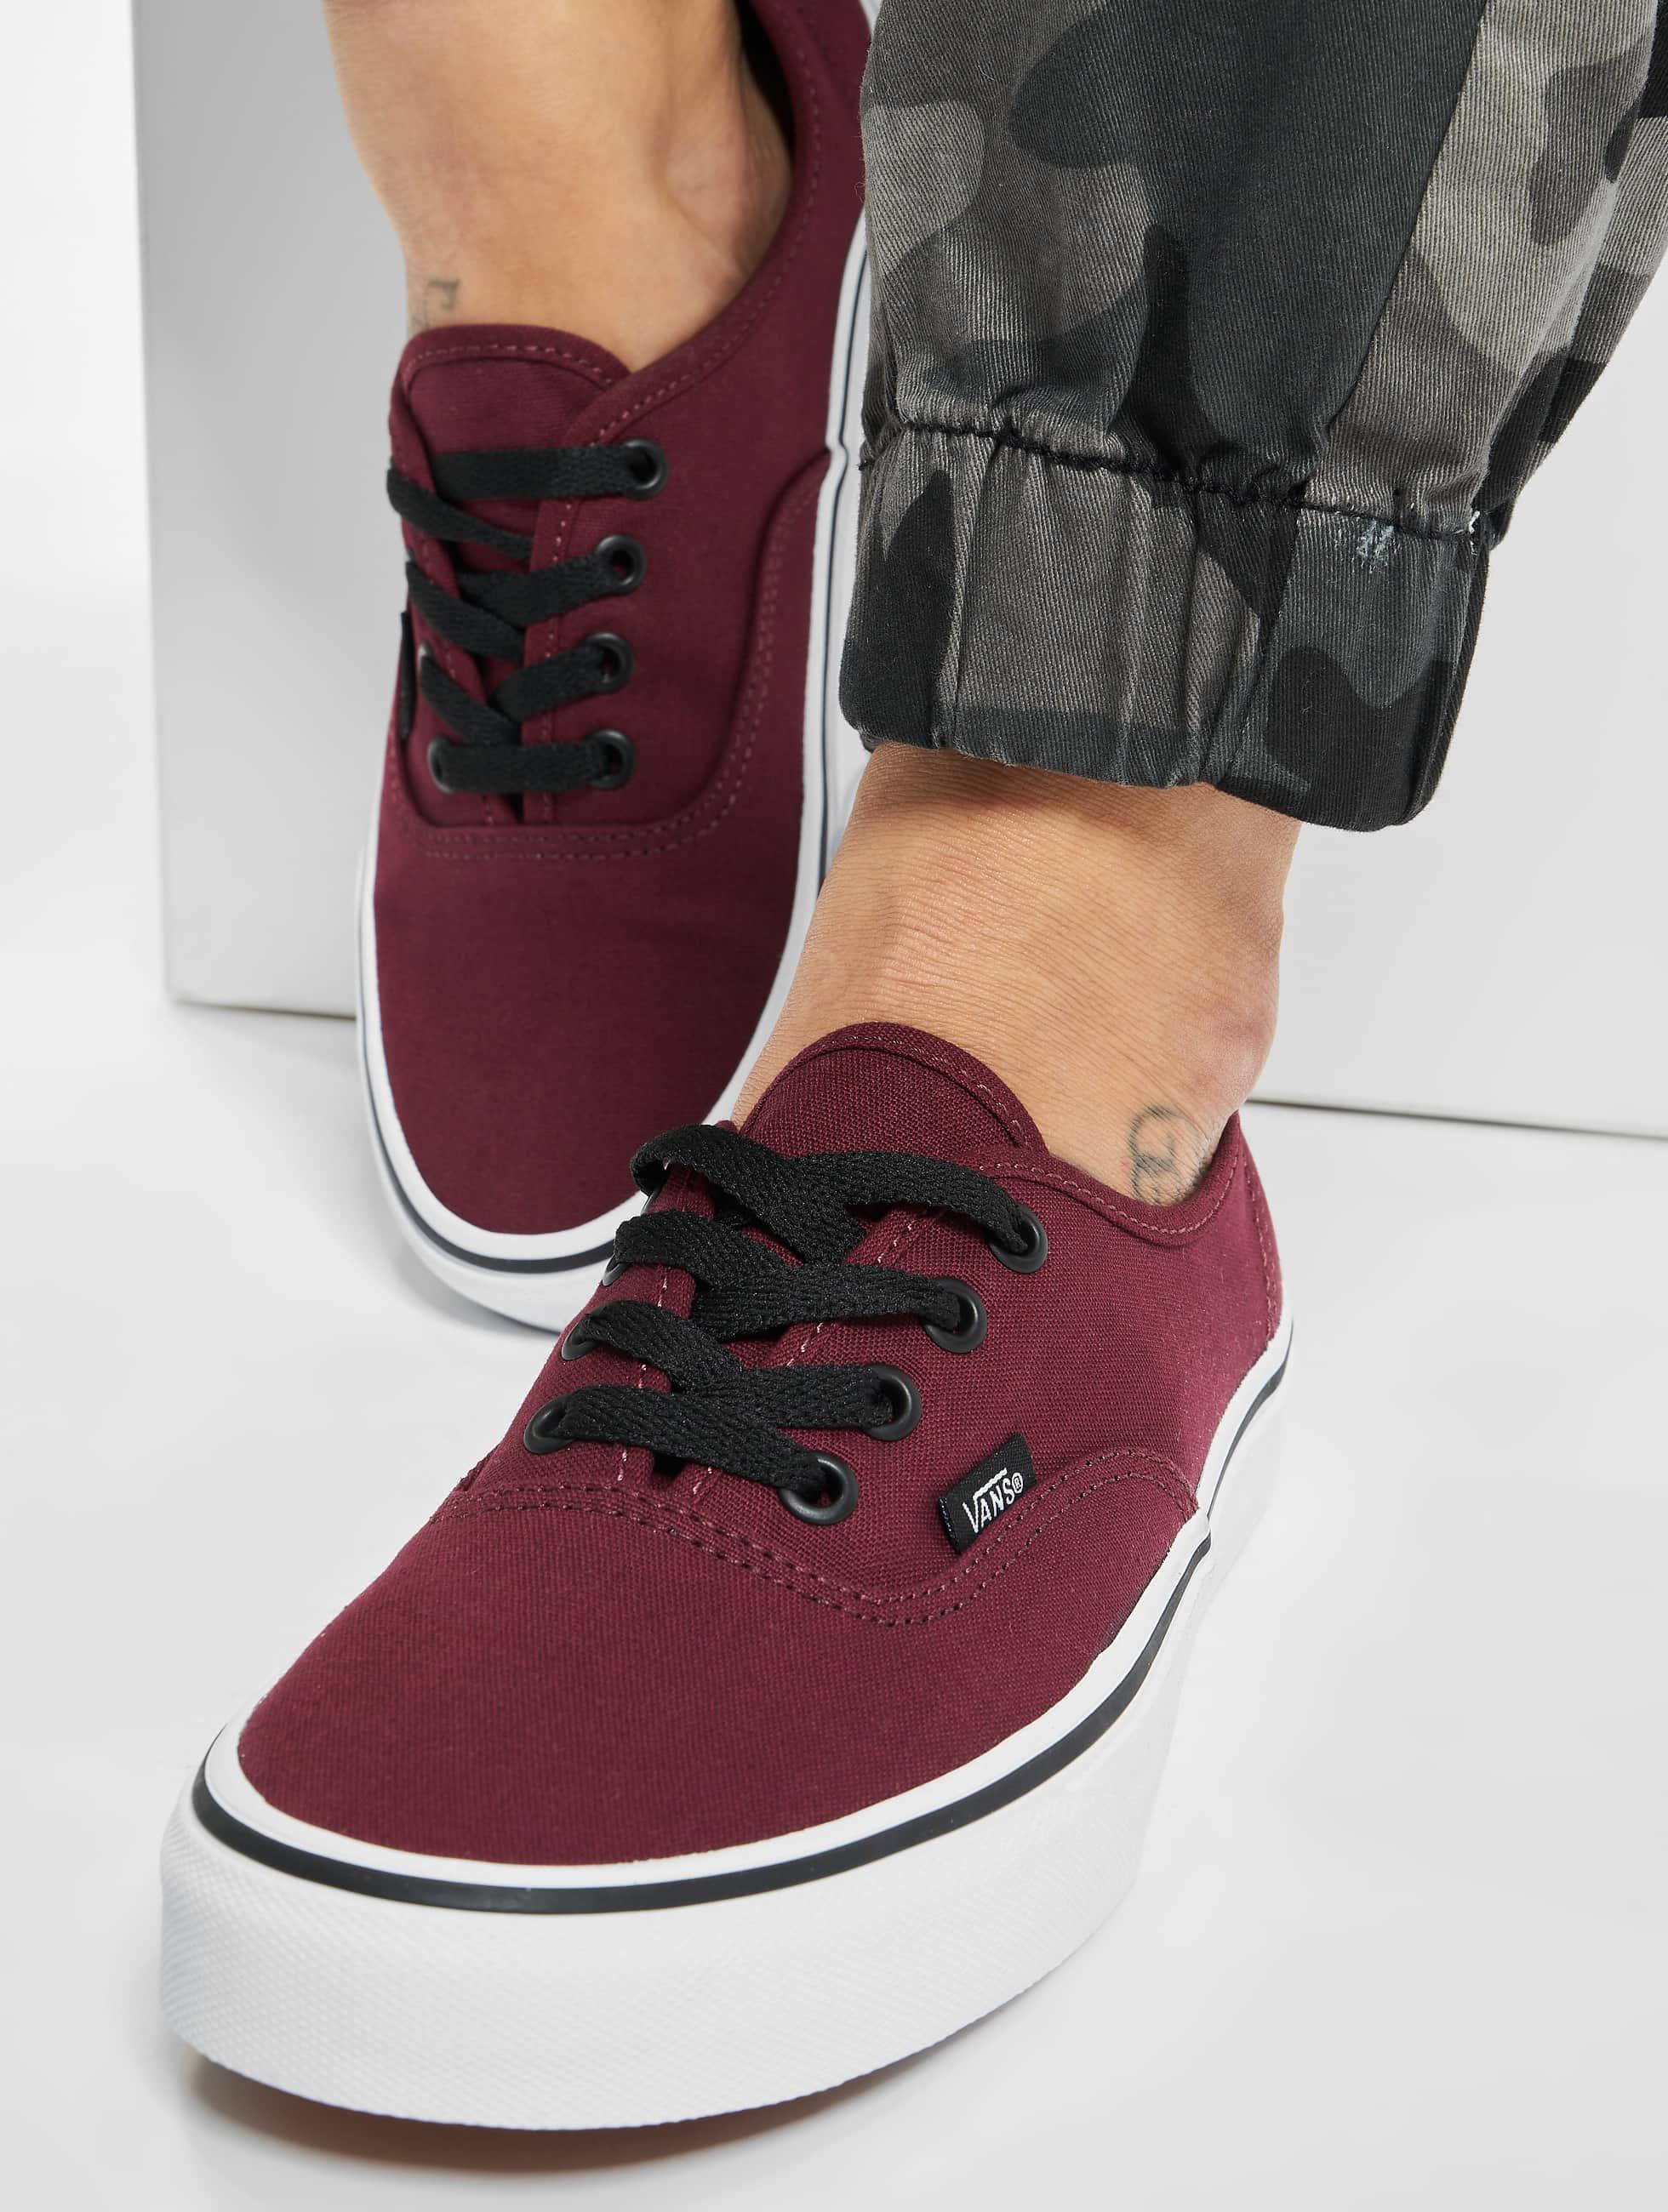 purchase cheap 27d07 42922 i Skor Vans röd Authentic 111392 Sneakers q6qPza0